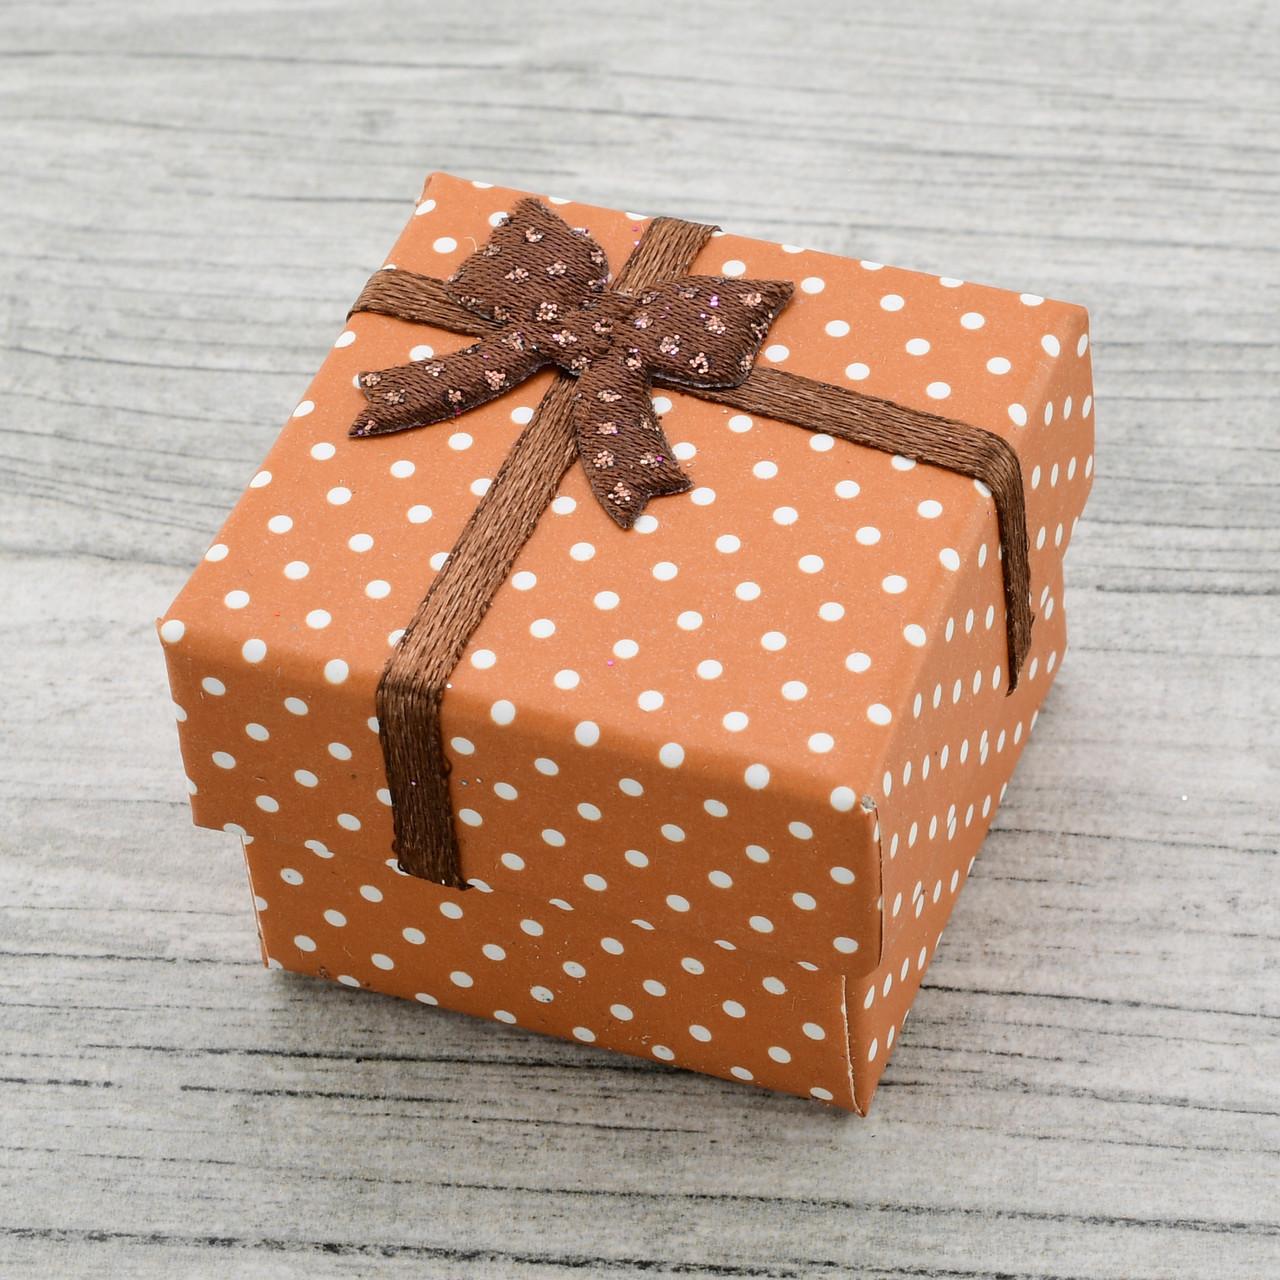 Коробочка маленькая для кольца серег коричневый цвет 741157 размер 4х4 см